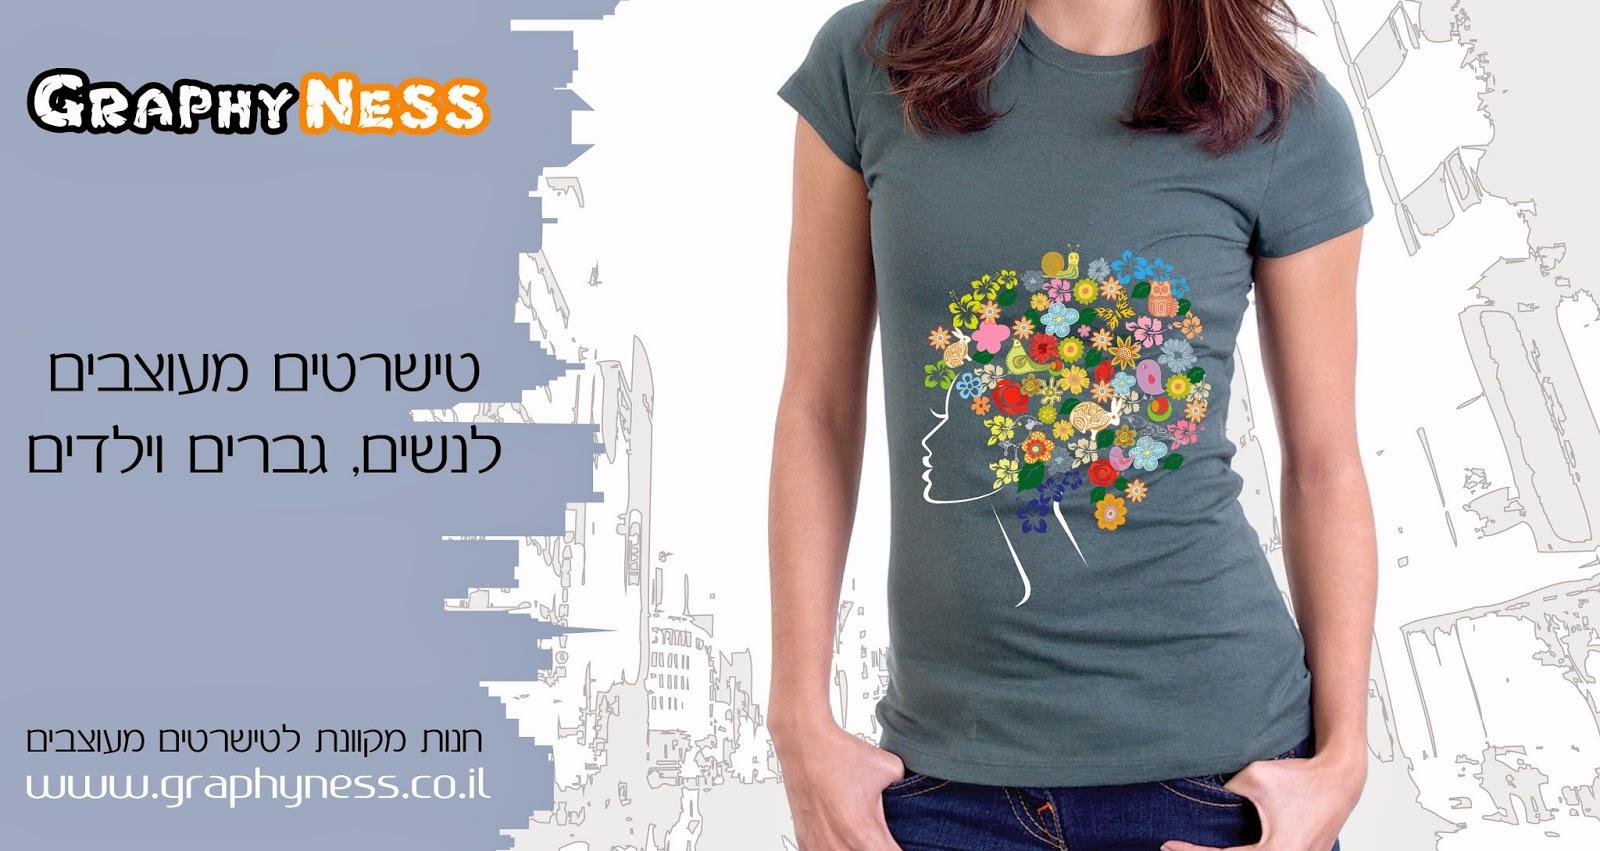 http://www.graphyness.co.il/#!girls/cj9u